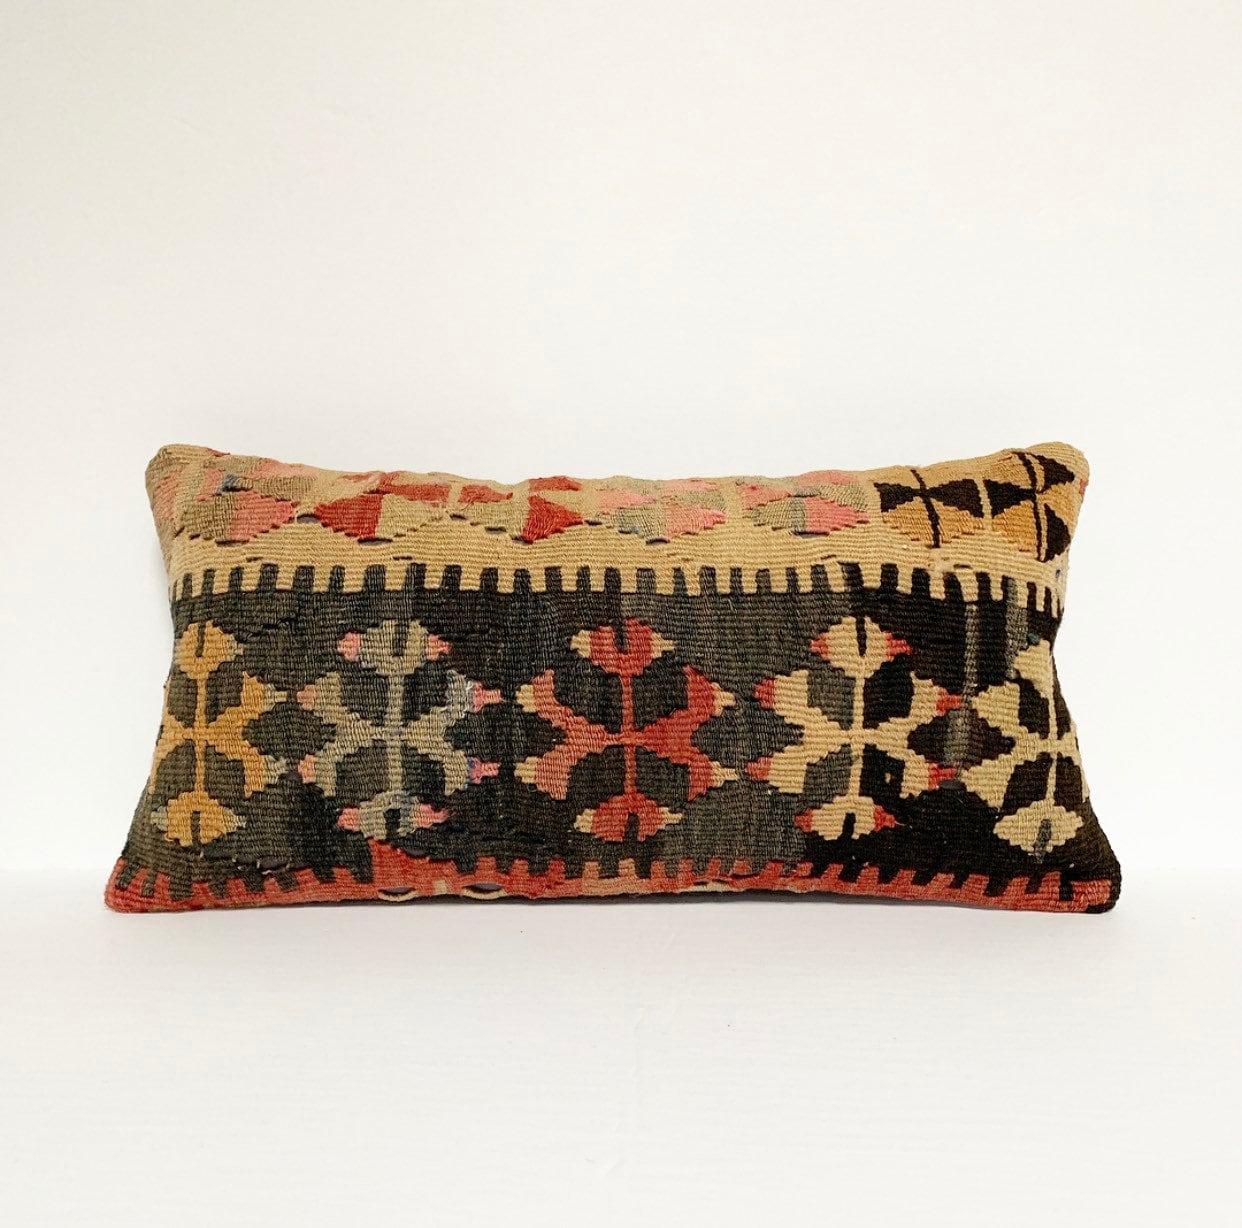 Vintage Turkish Rug Pillow - 10 X 20 Lumbar